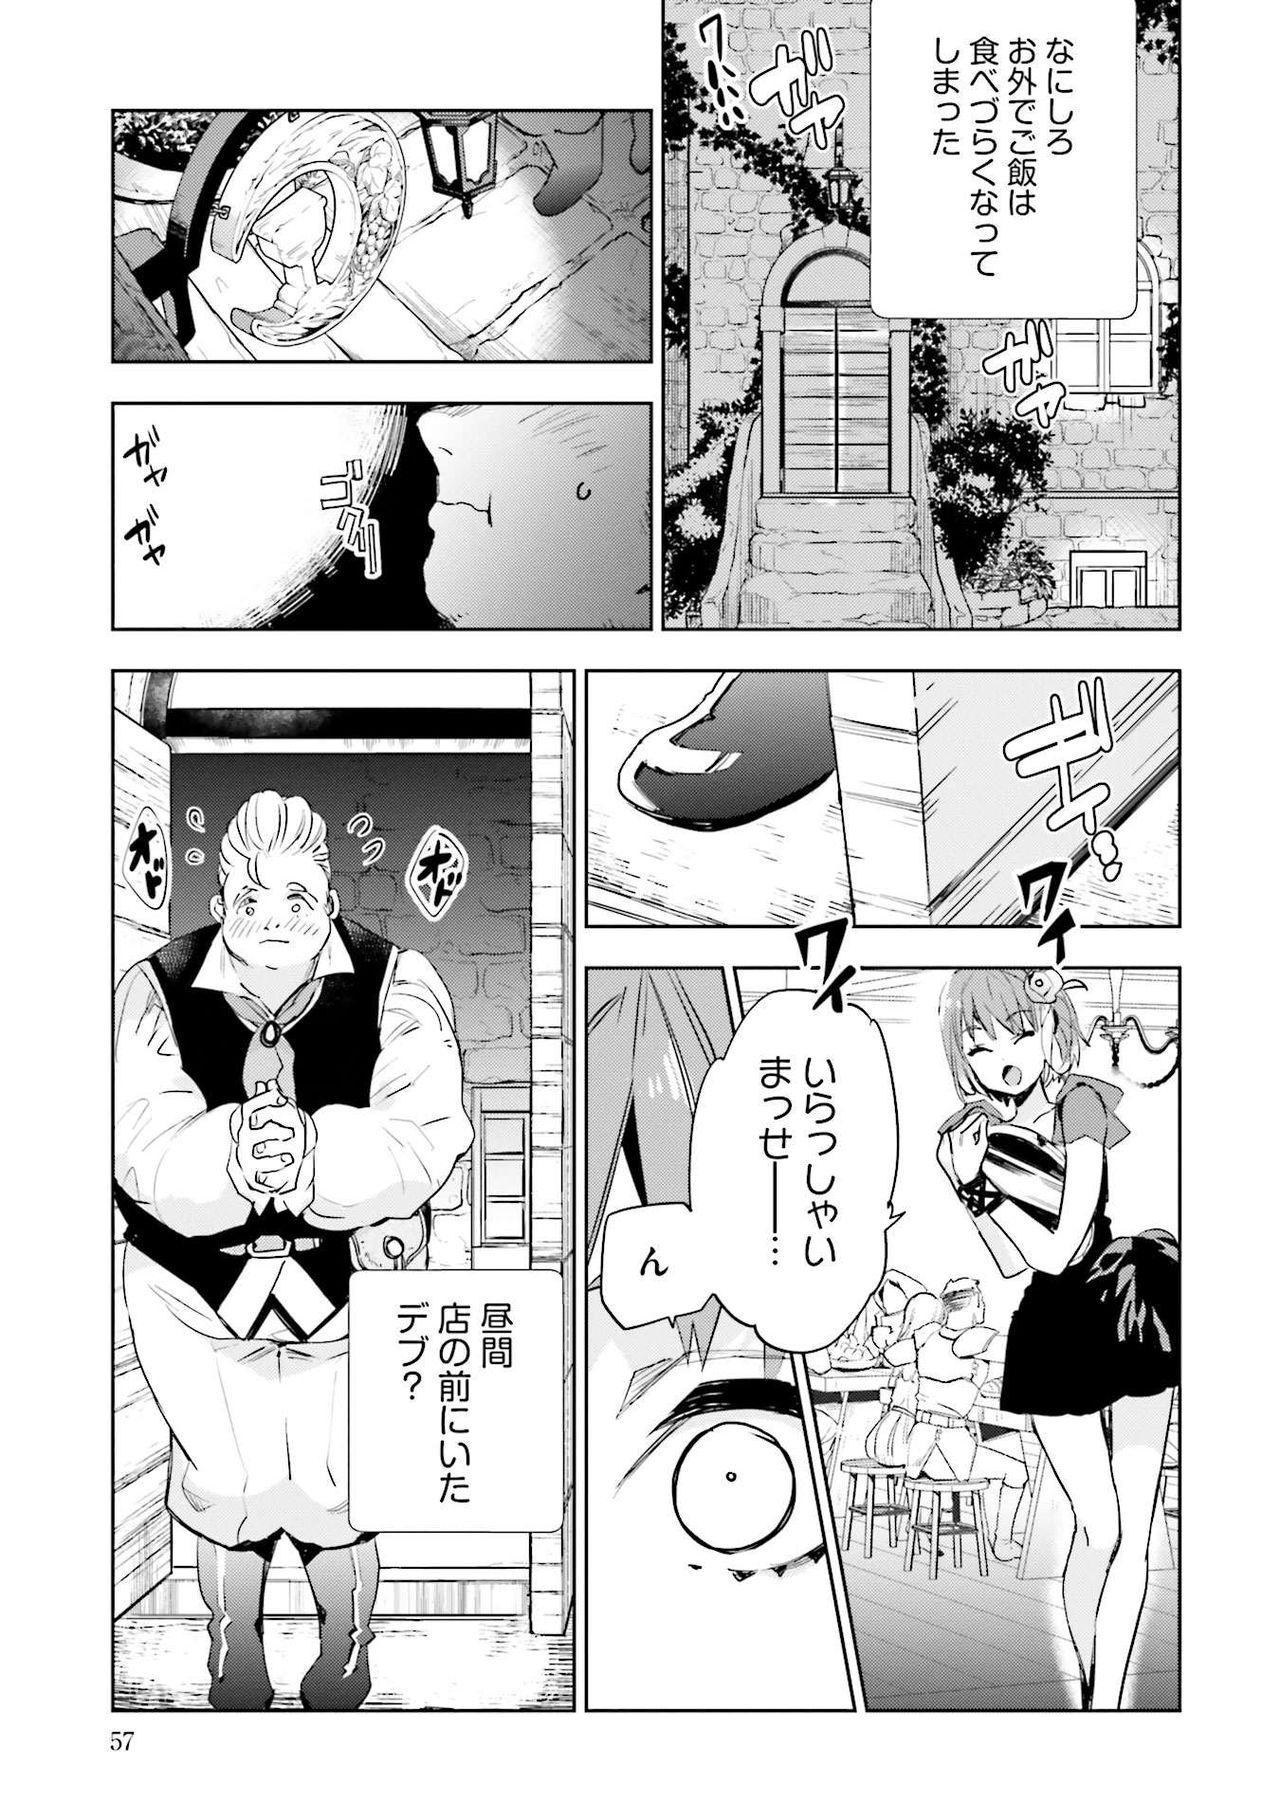 JK Haru wa Isekai de Shoufu ni Natta 1-14 58